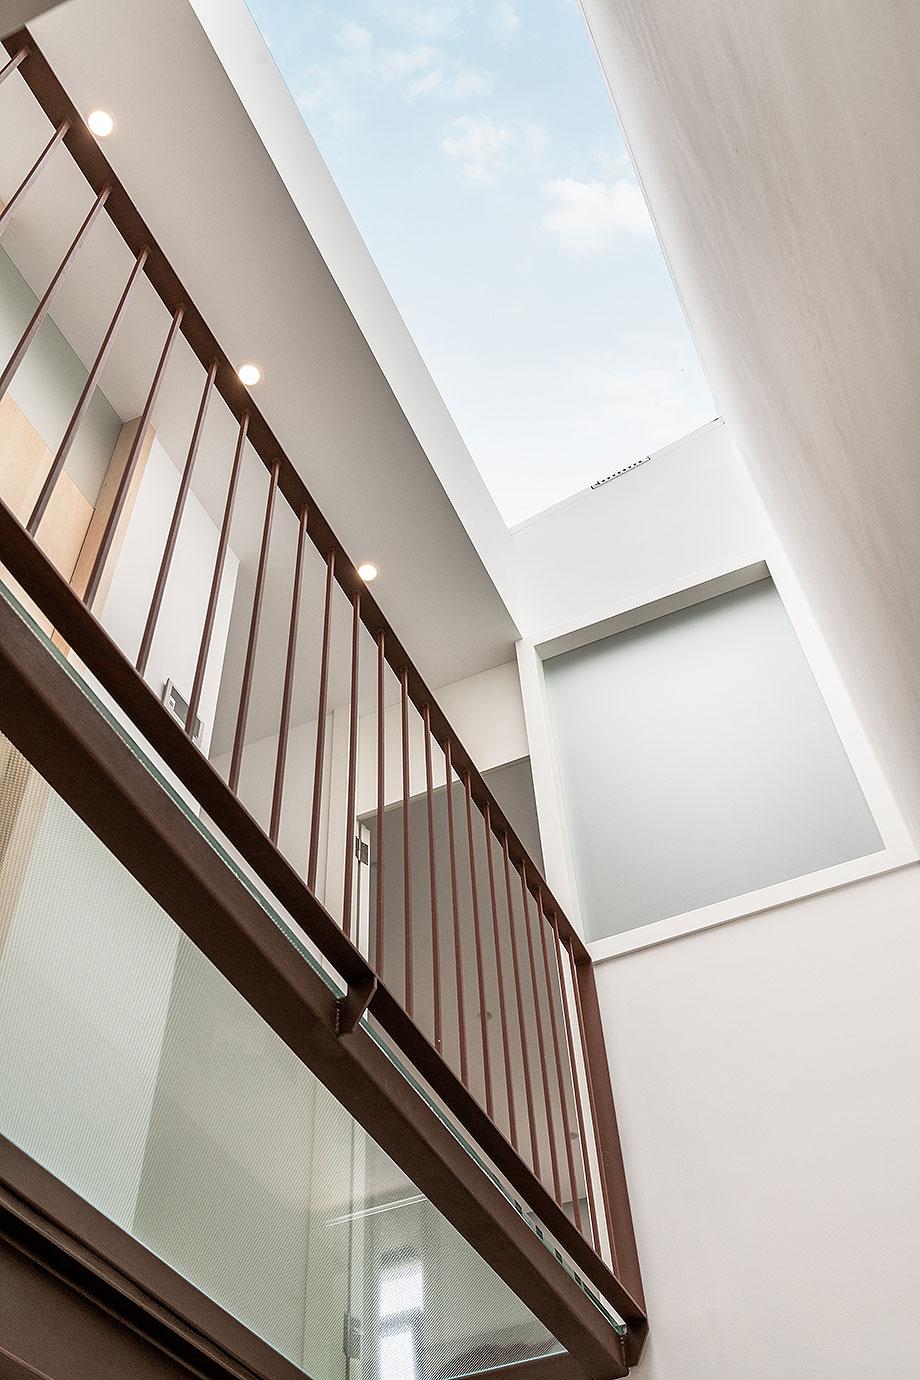 de garaje a vivienda por liniarquitectura (8) - foto laura tomas